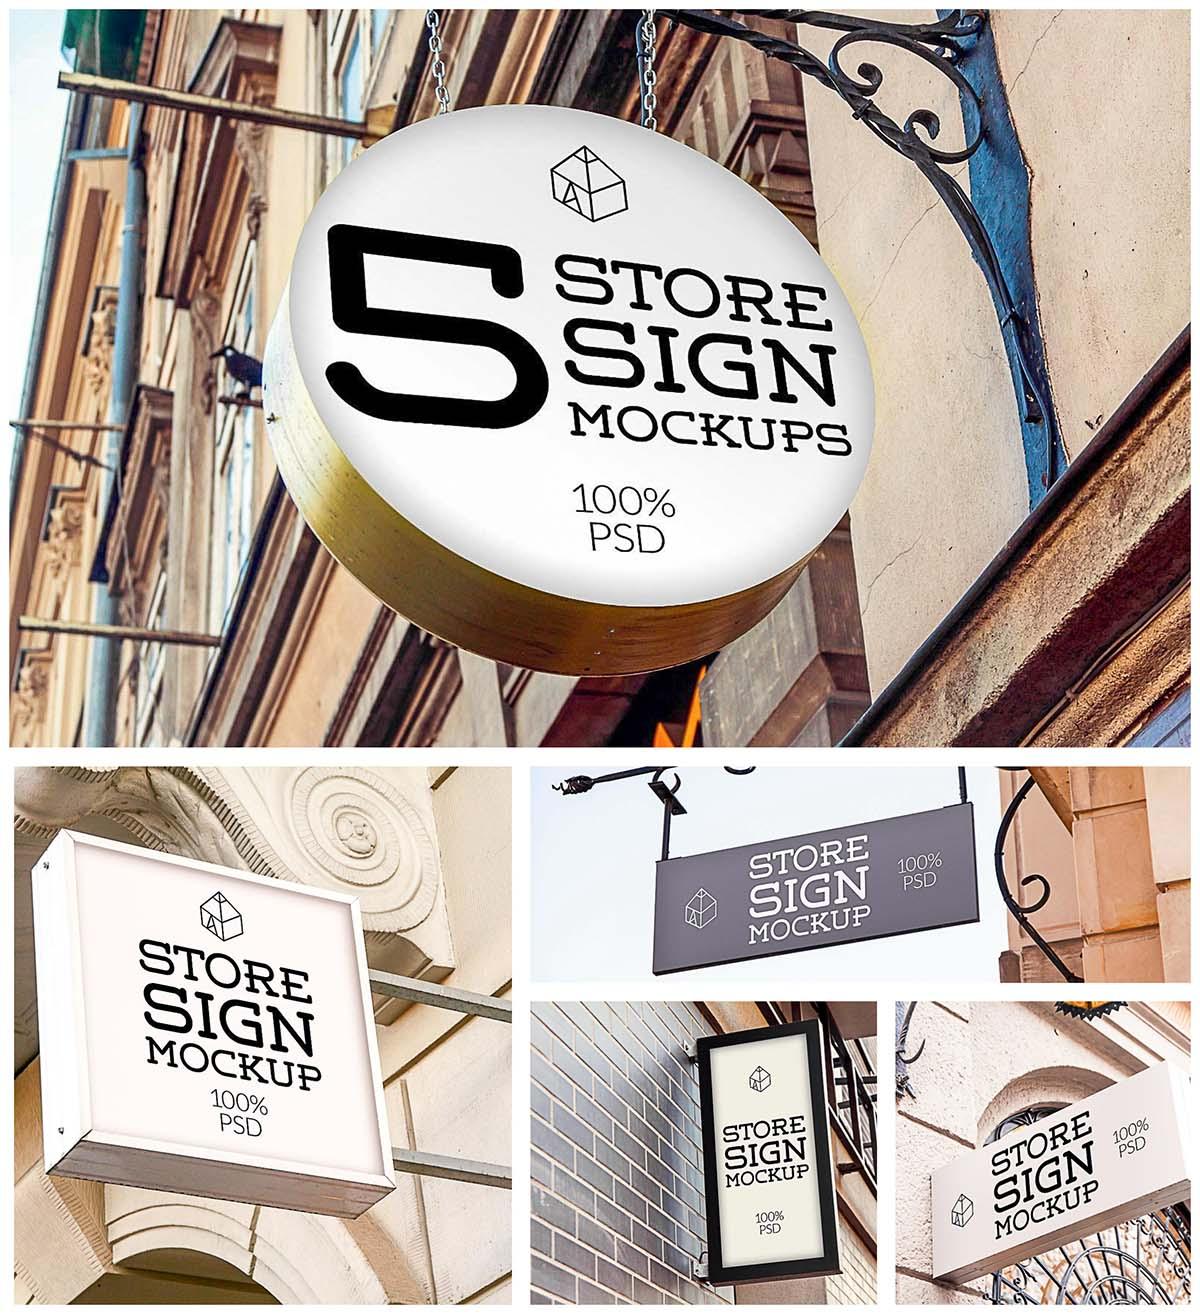 Store signs mockup set